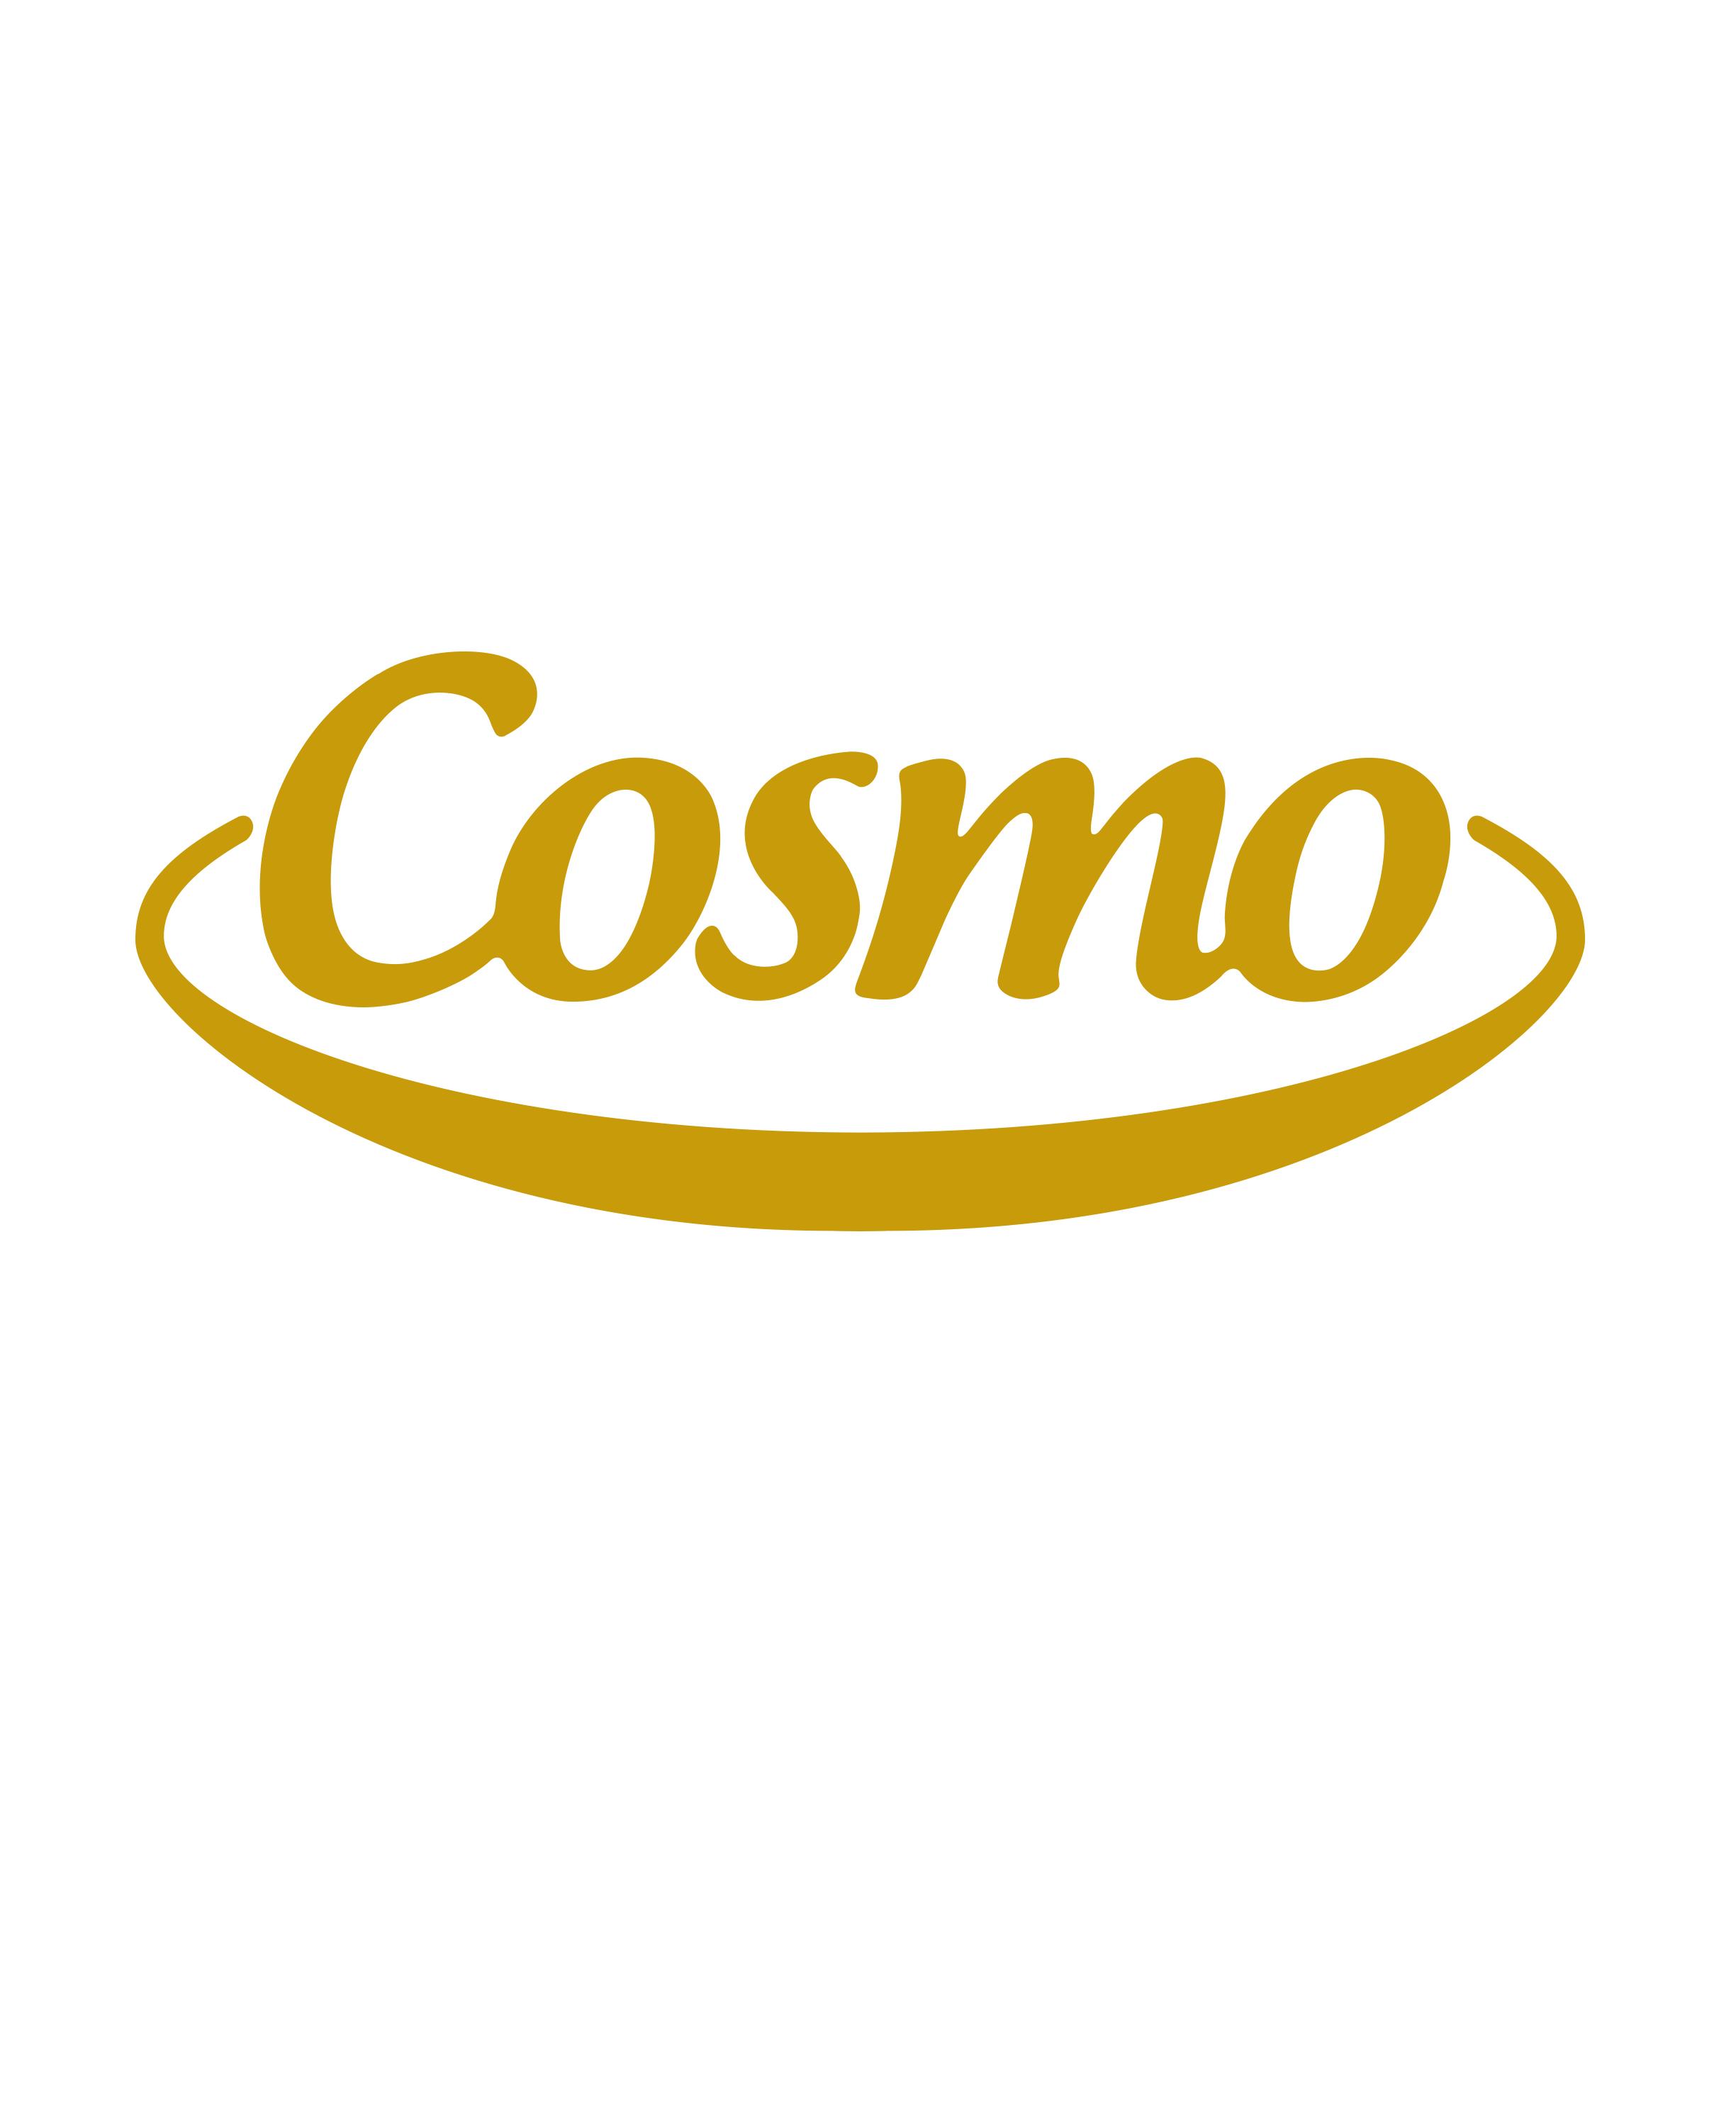 コスモ食品株式会社